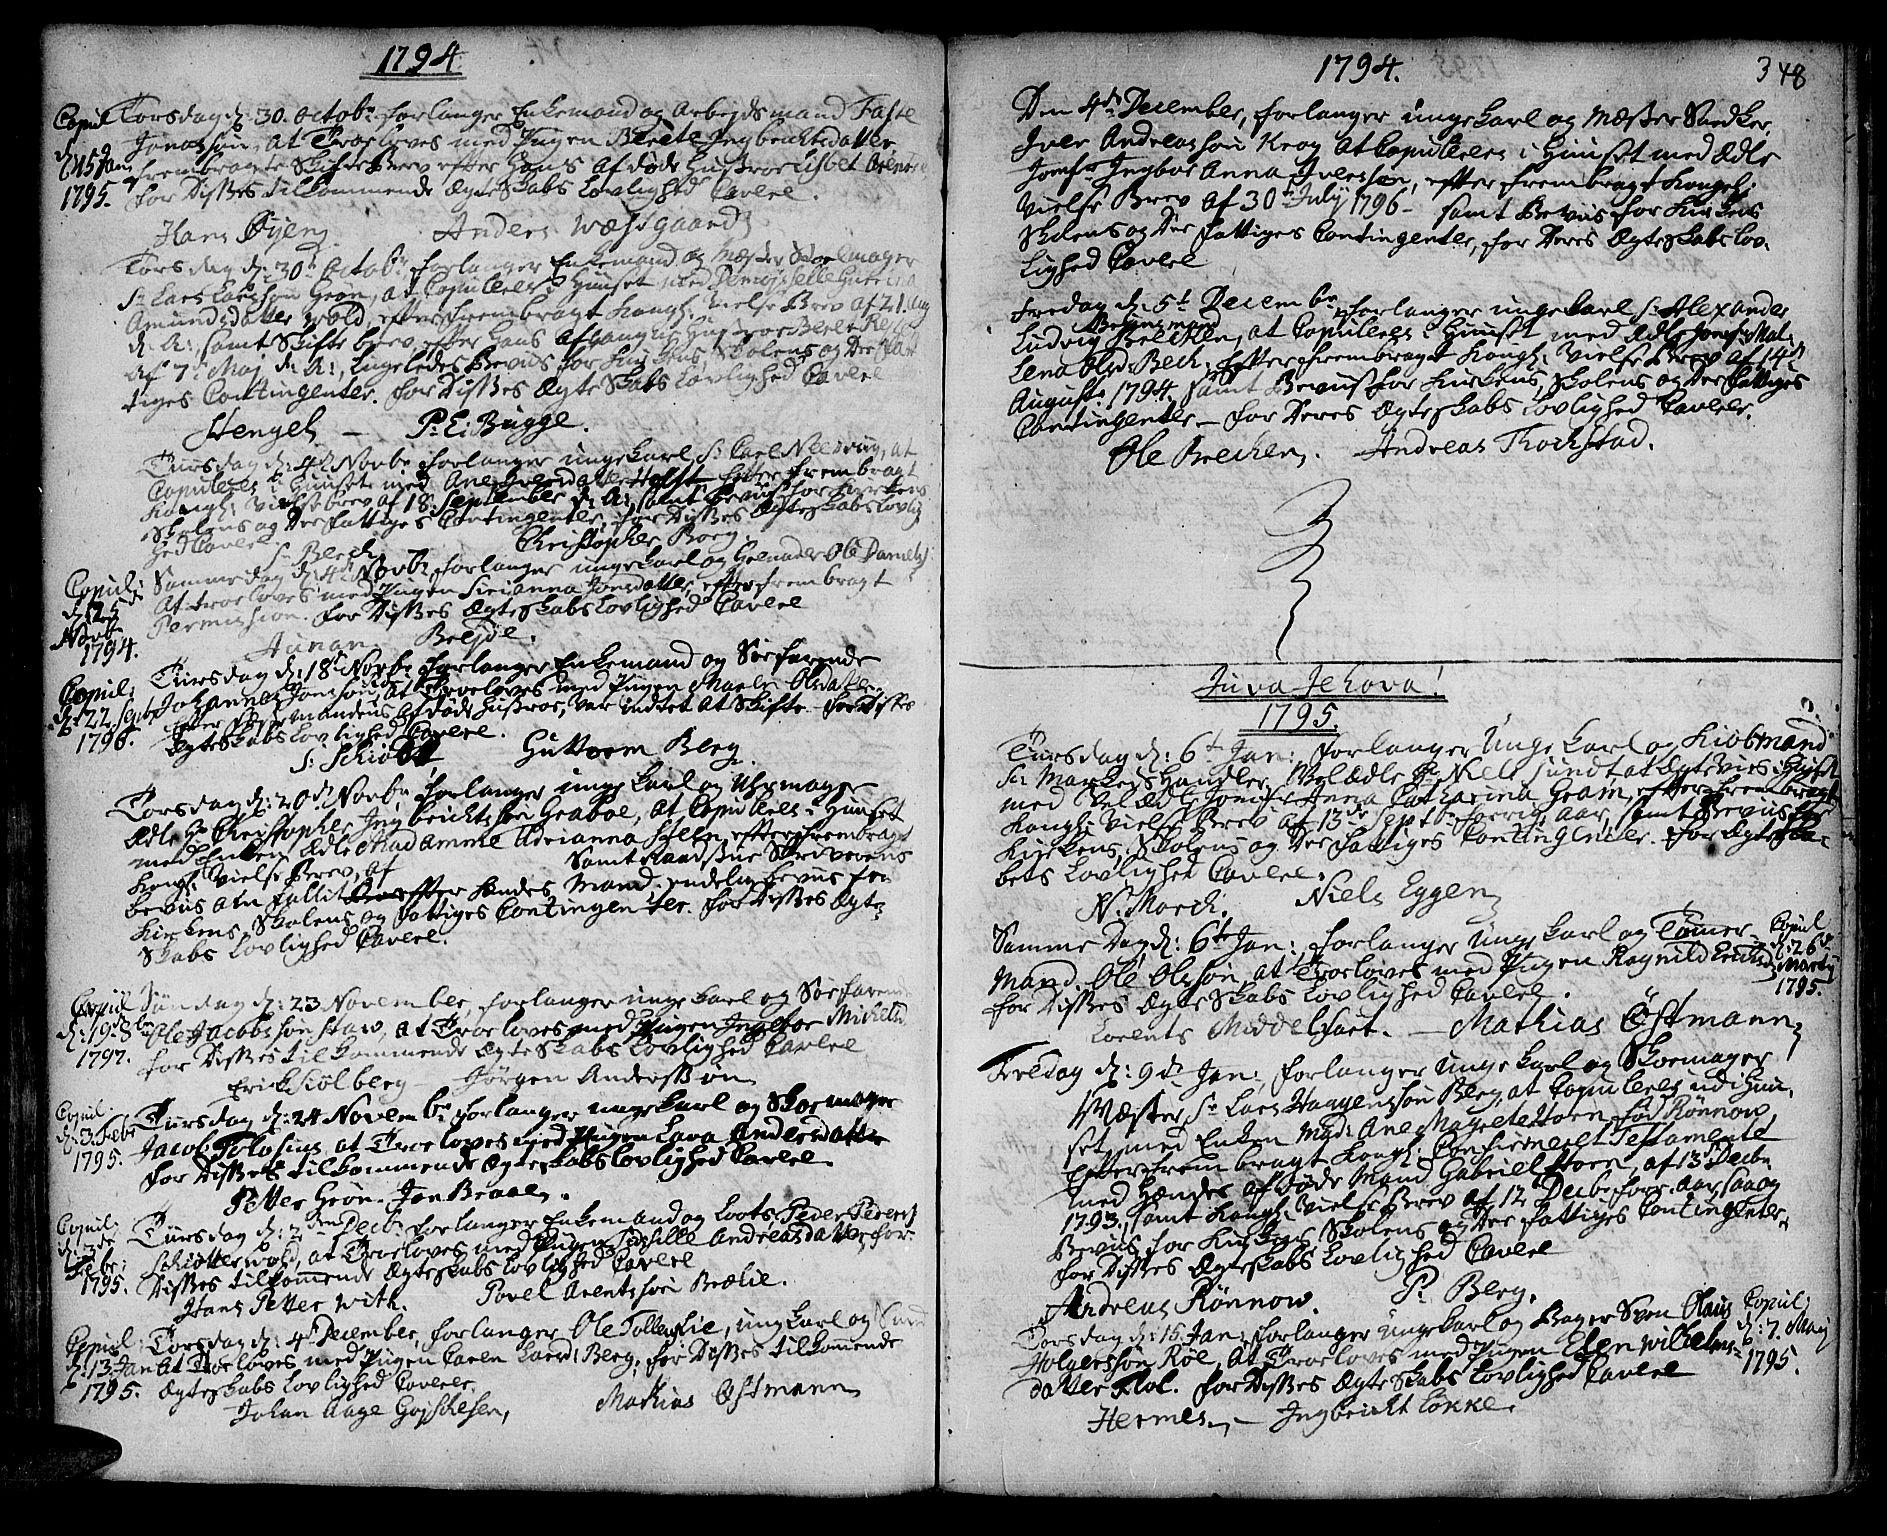 SAT, Ministerialprotokoller, klokkerbøker og fødselsregistre - Sør-Trøndelag, 601/L0038: Ministerialbok nr. 601A06, 1766-1877, s. 348